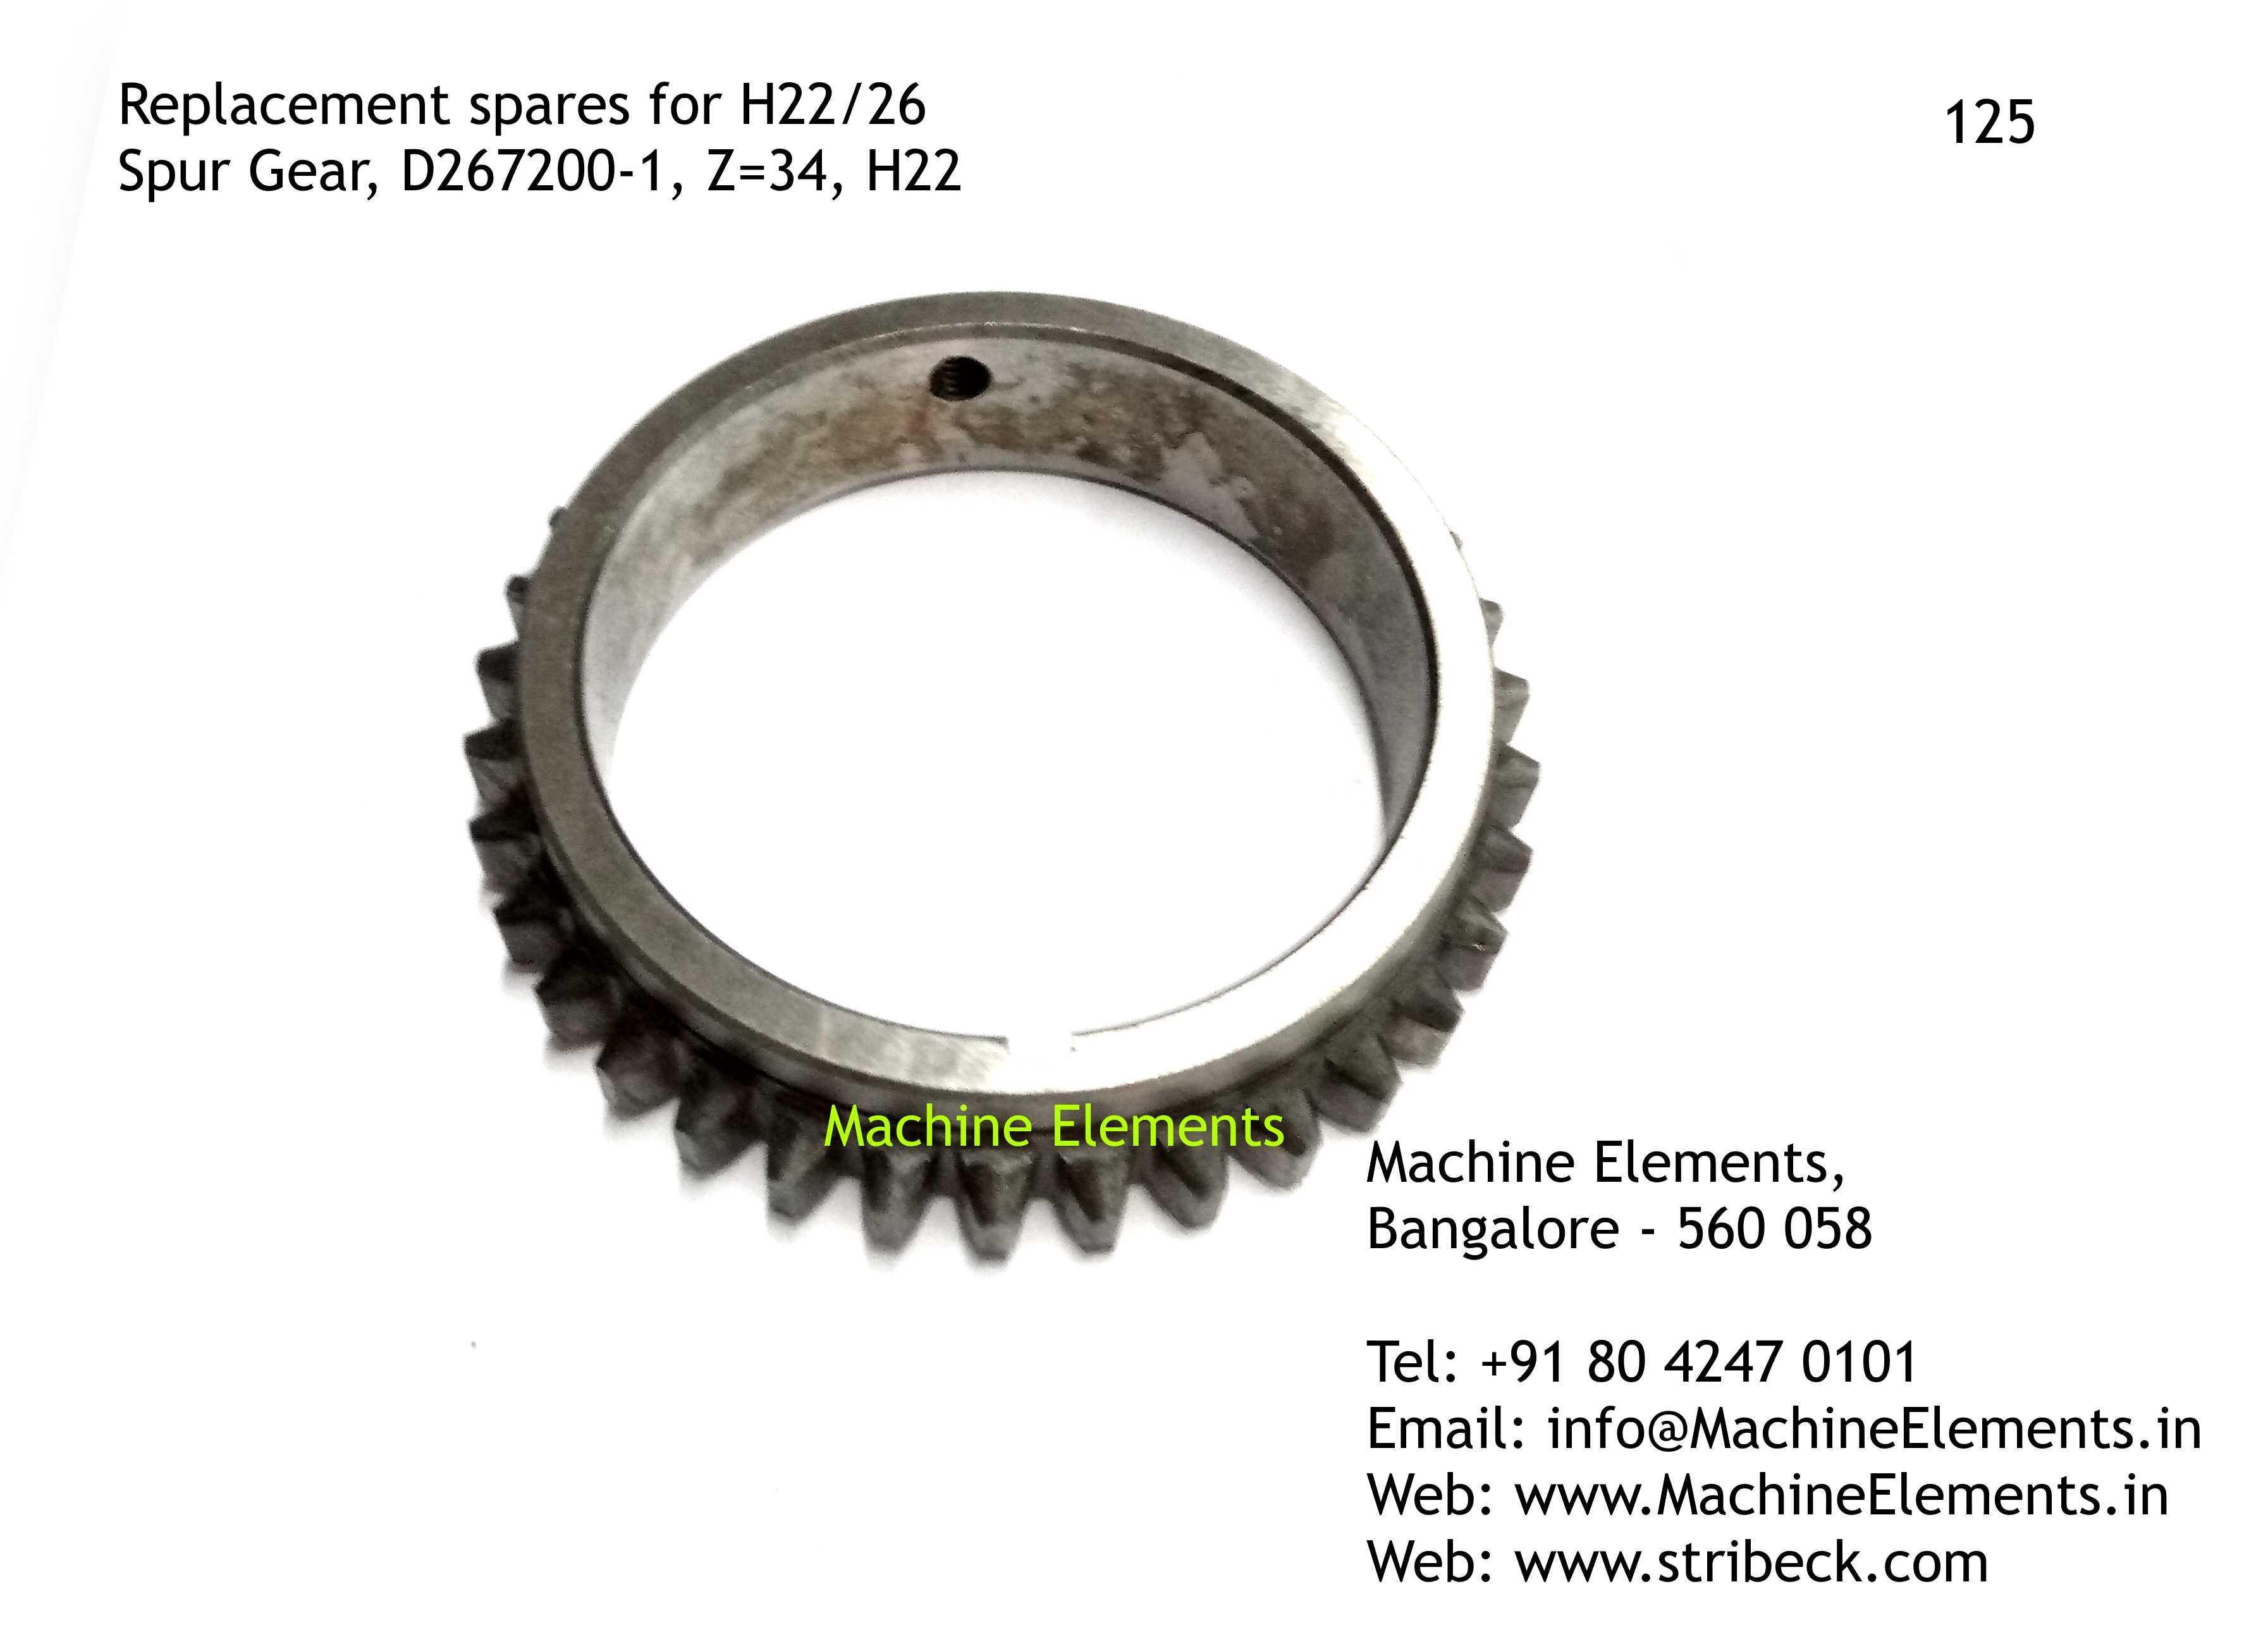 Spur Gear, D267200-1, Z=34